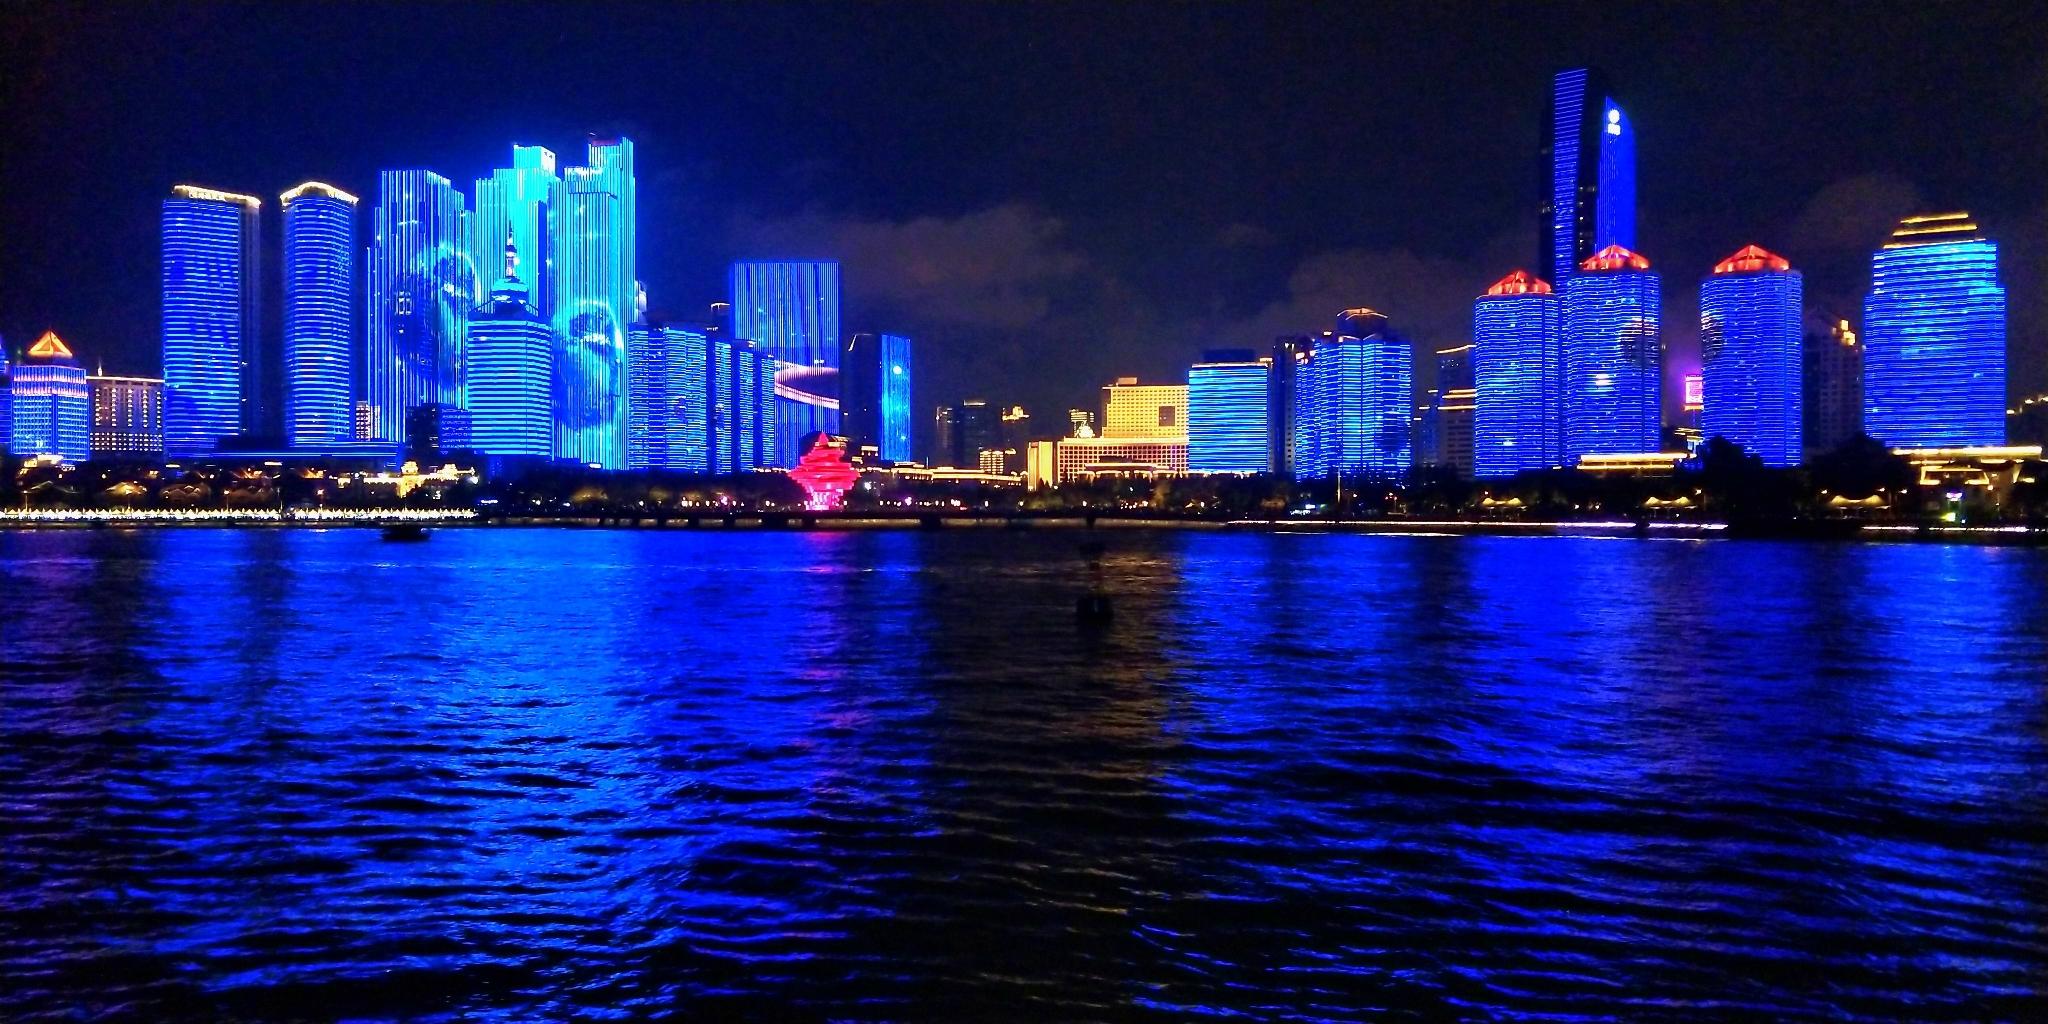 刚发了青岛奥帆中心的视频秀灯光,好多人表花生榨油视频图片